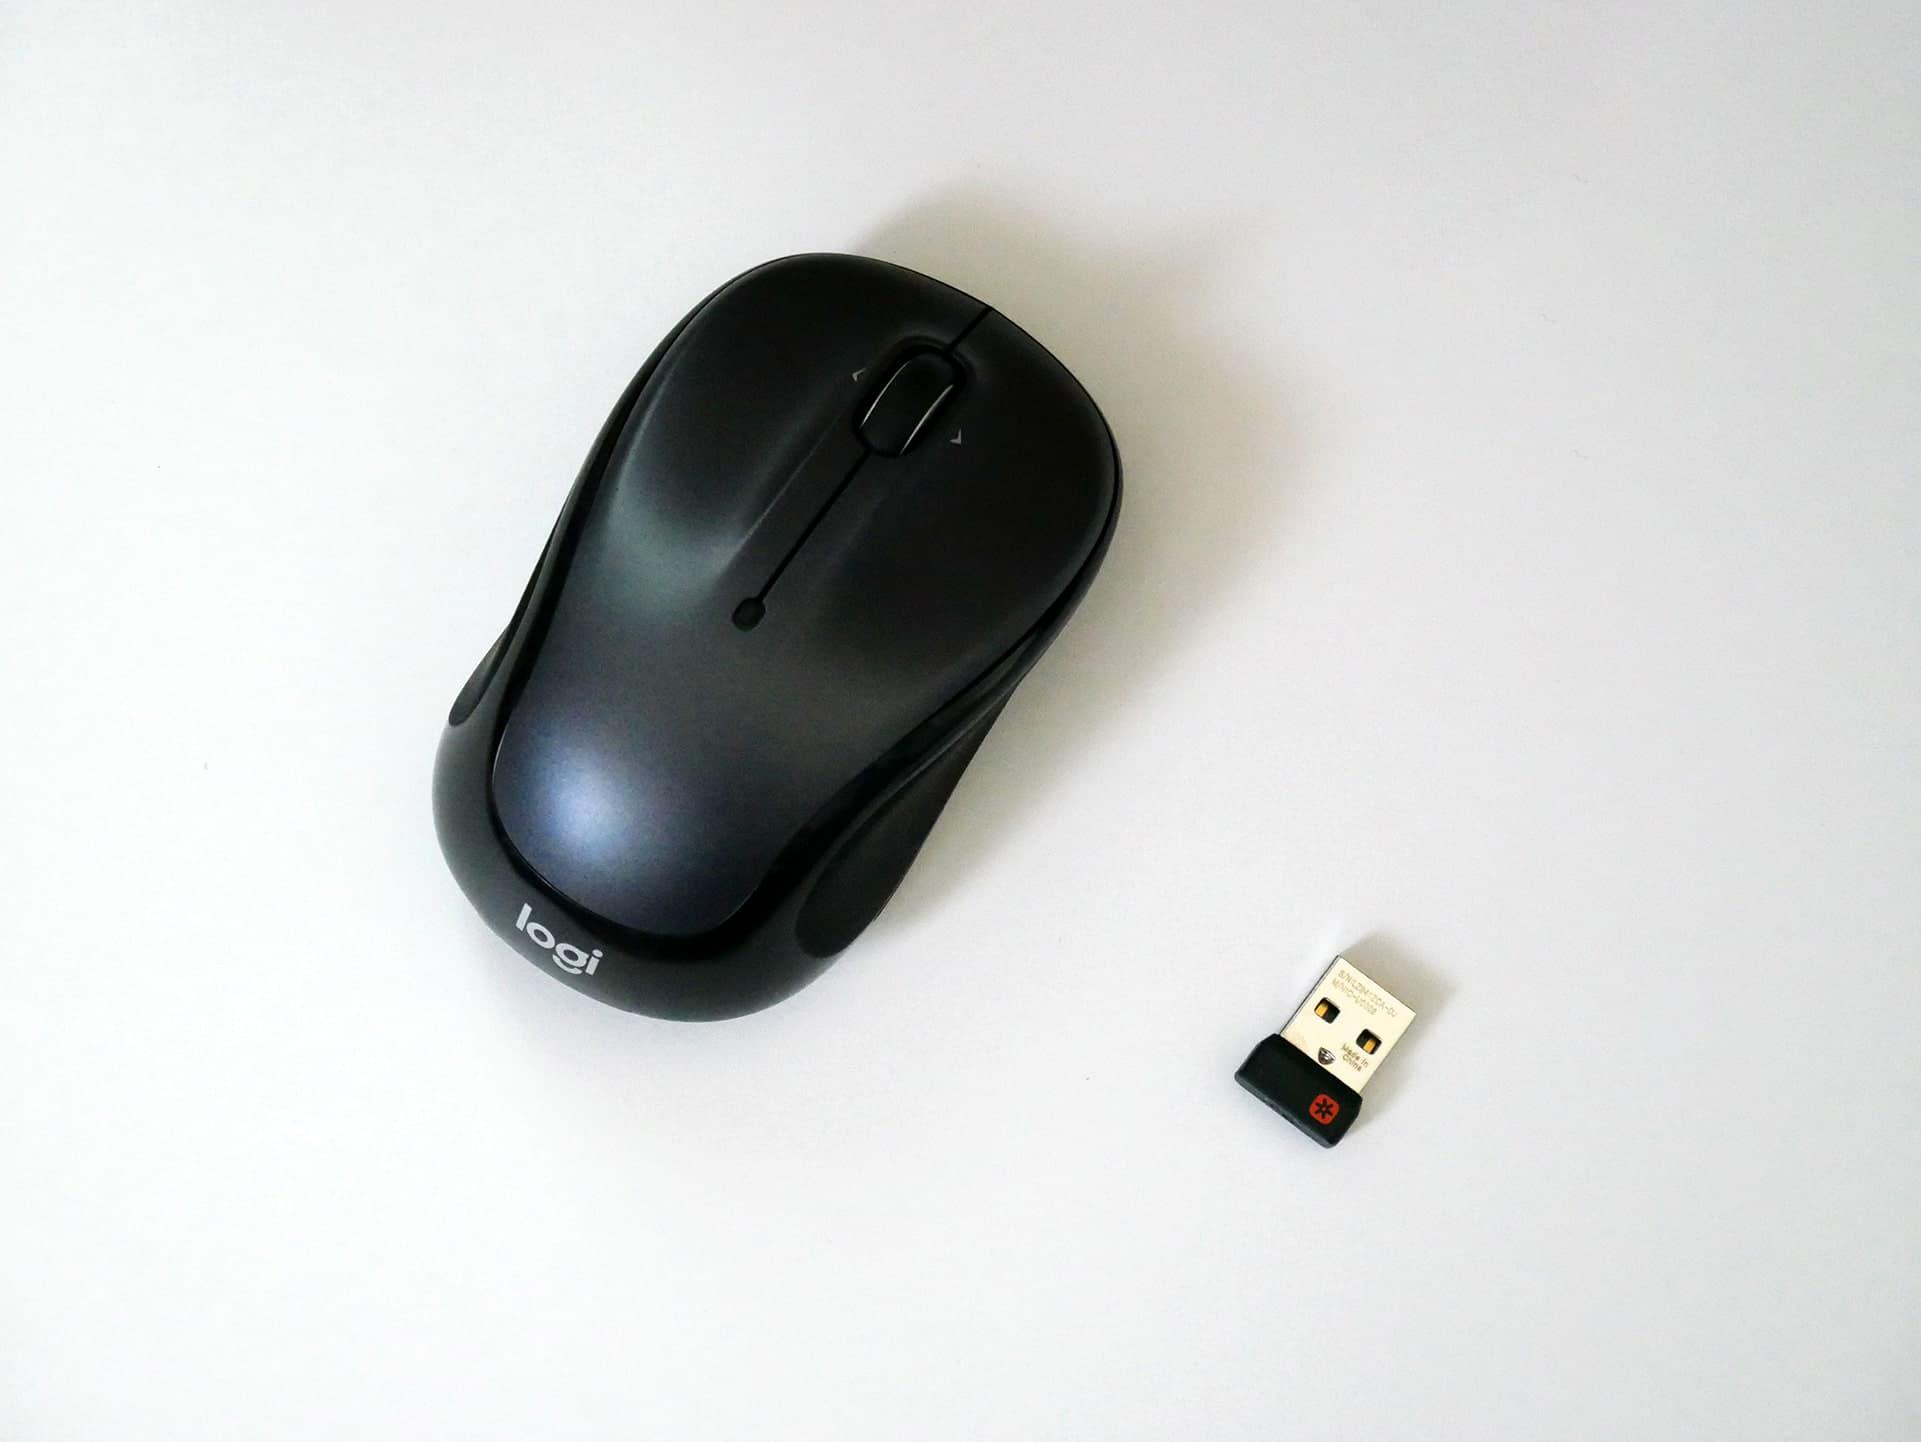 ロジクール「M325」ワイヤレスマウスとUSBレシーバーを並べて撮った写真